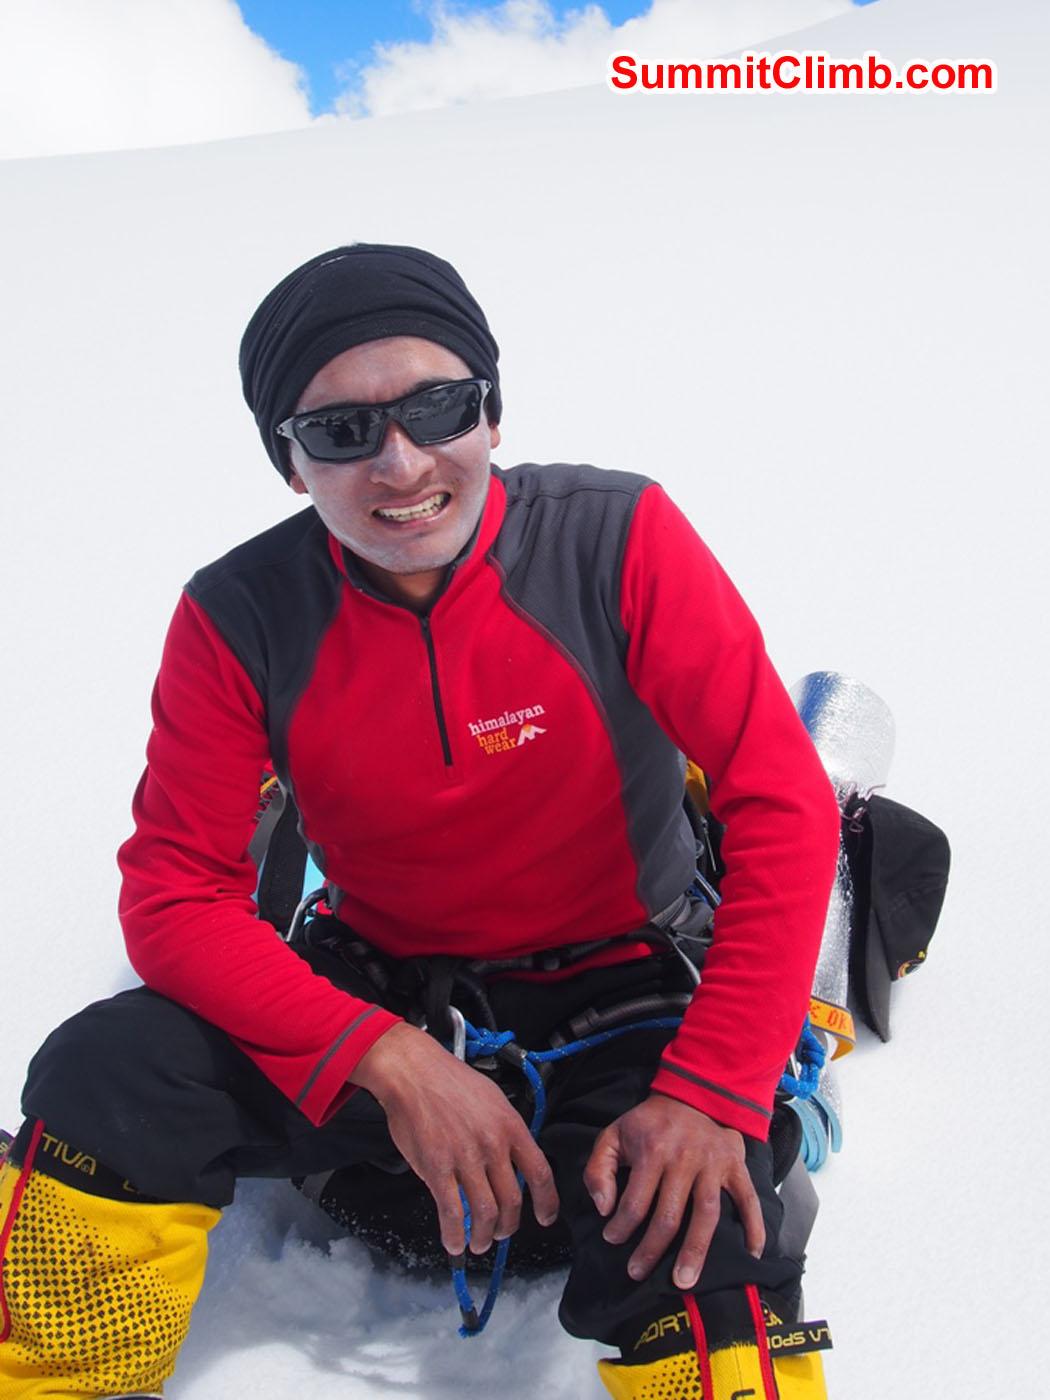 Ang Pasang Sherpa. Photo by Alan Barclay